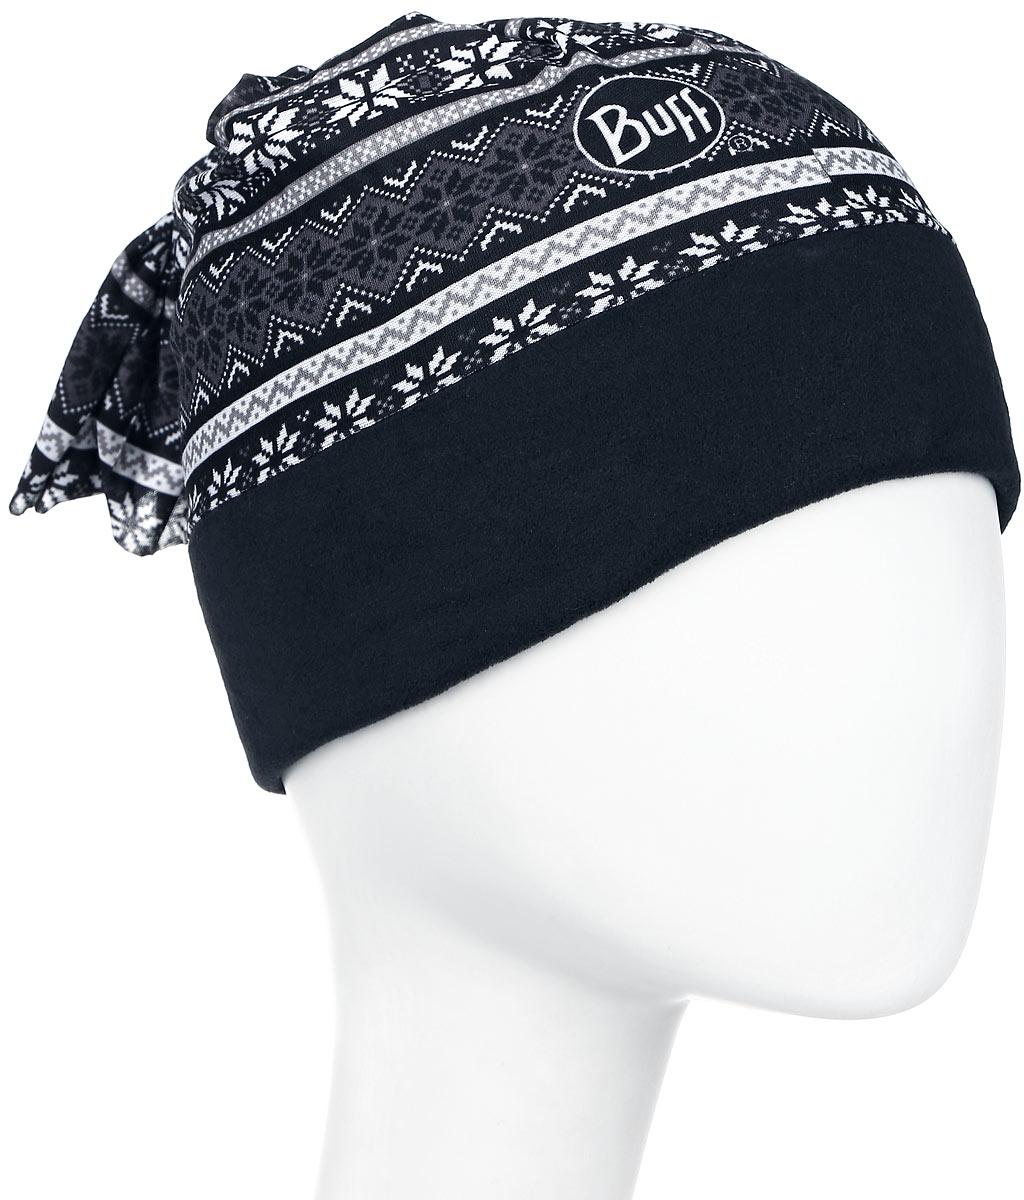 Бандана Buff Polar Active Snowflakes Black Polartec, цвет: черный. 101111/41855. Размер 53/62 см101111/41855Теплая бандана-шарф из серии Polar Buff. Polar Buff - это бандана-труба из серии Original Buff, пришитая к цилиндру из Polartec Classic Fleece 100. В холодную погоду Polar Buff поддерживает нормальную температуру тела и предотвращает потерю тепла, благодаря комбинации микрофибры и Polartec. Благодаря своей универсальности, функциональности и практичности Polar Buff завоевал огромную популярность среди людей, ее можно использовать как шапку, шарф, бандану на лицо и уши, балаклаву, маску. Неотъемлемая часть зимней одежды, подходит для любой активности в холодное время года.